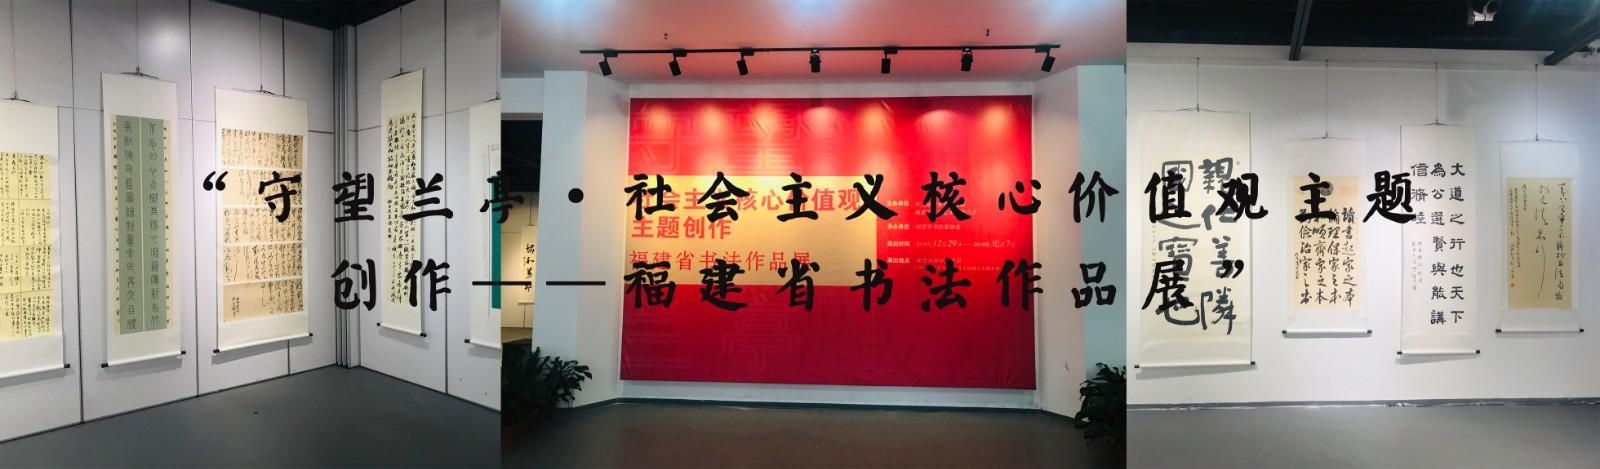 """""""守望兰亭·社会主义核心价值观主题创作——福建省书法作品展"""""""